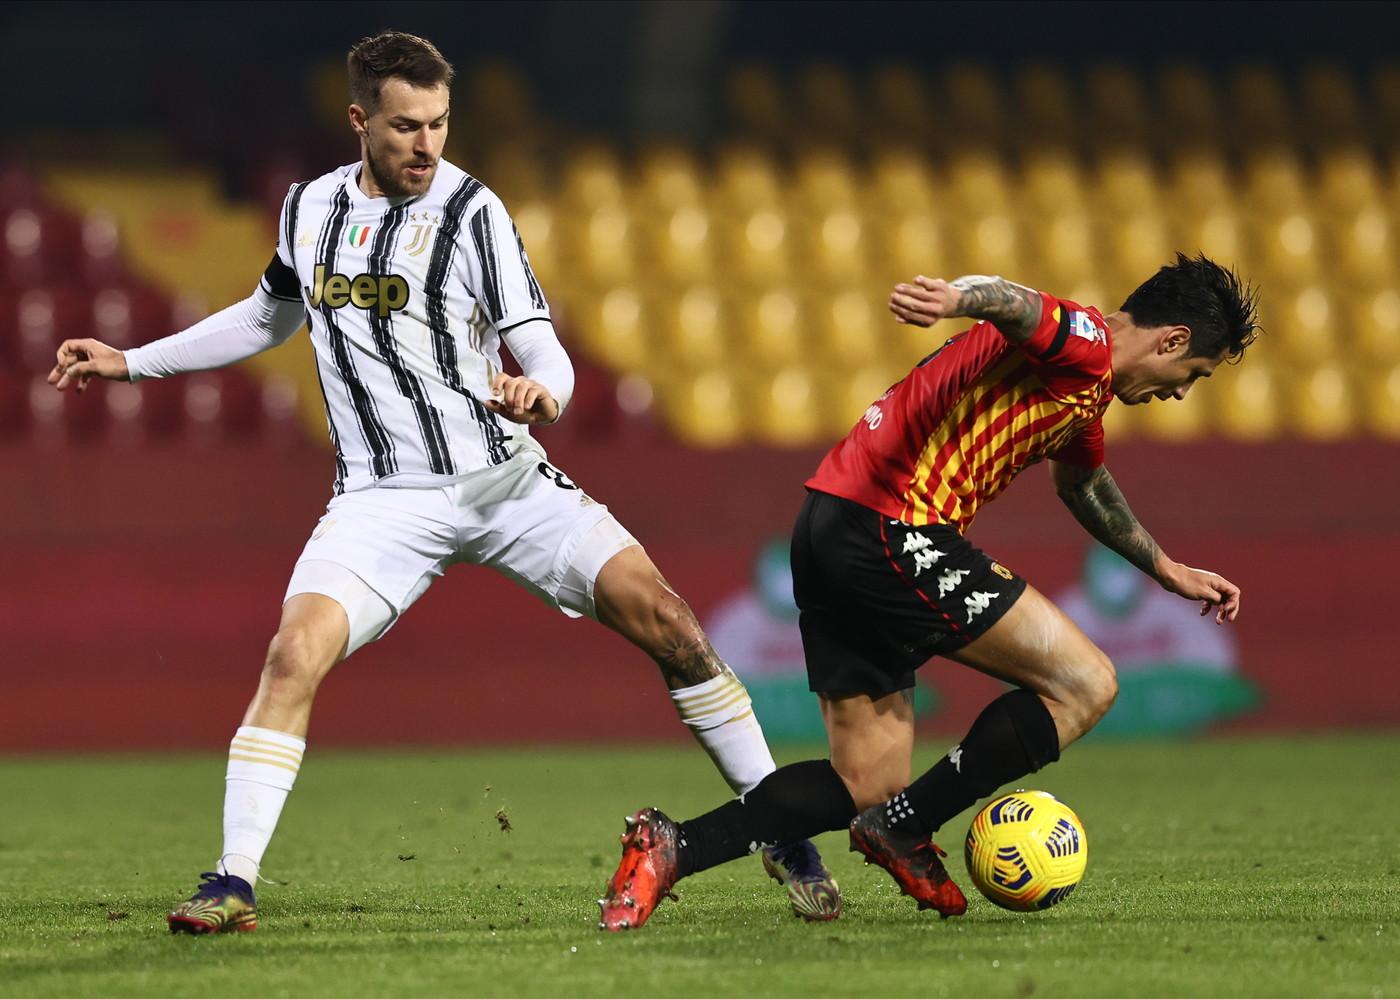 Serie A: Benevento-Juventus 1-1, Letizia frena la corsa bianconera | News -  Sportmediaset